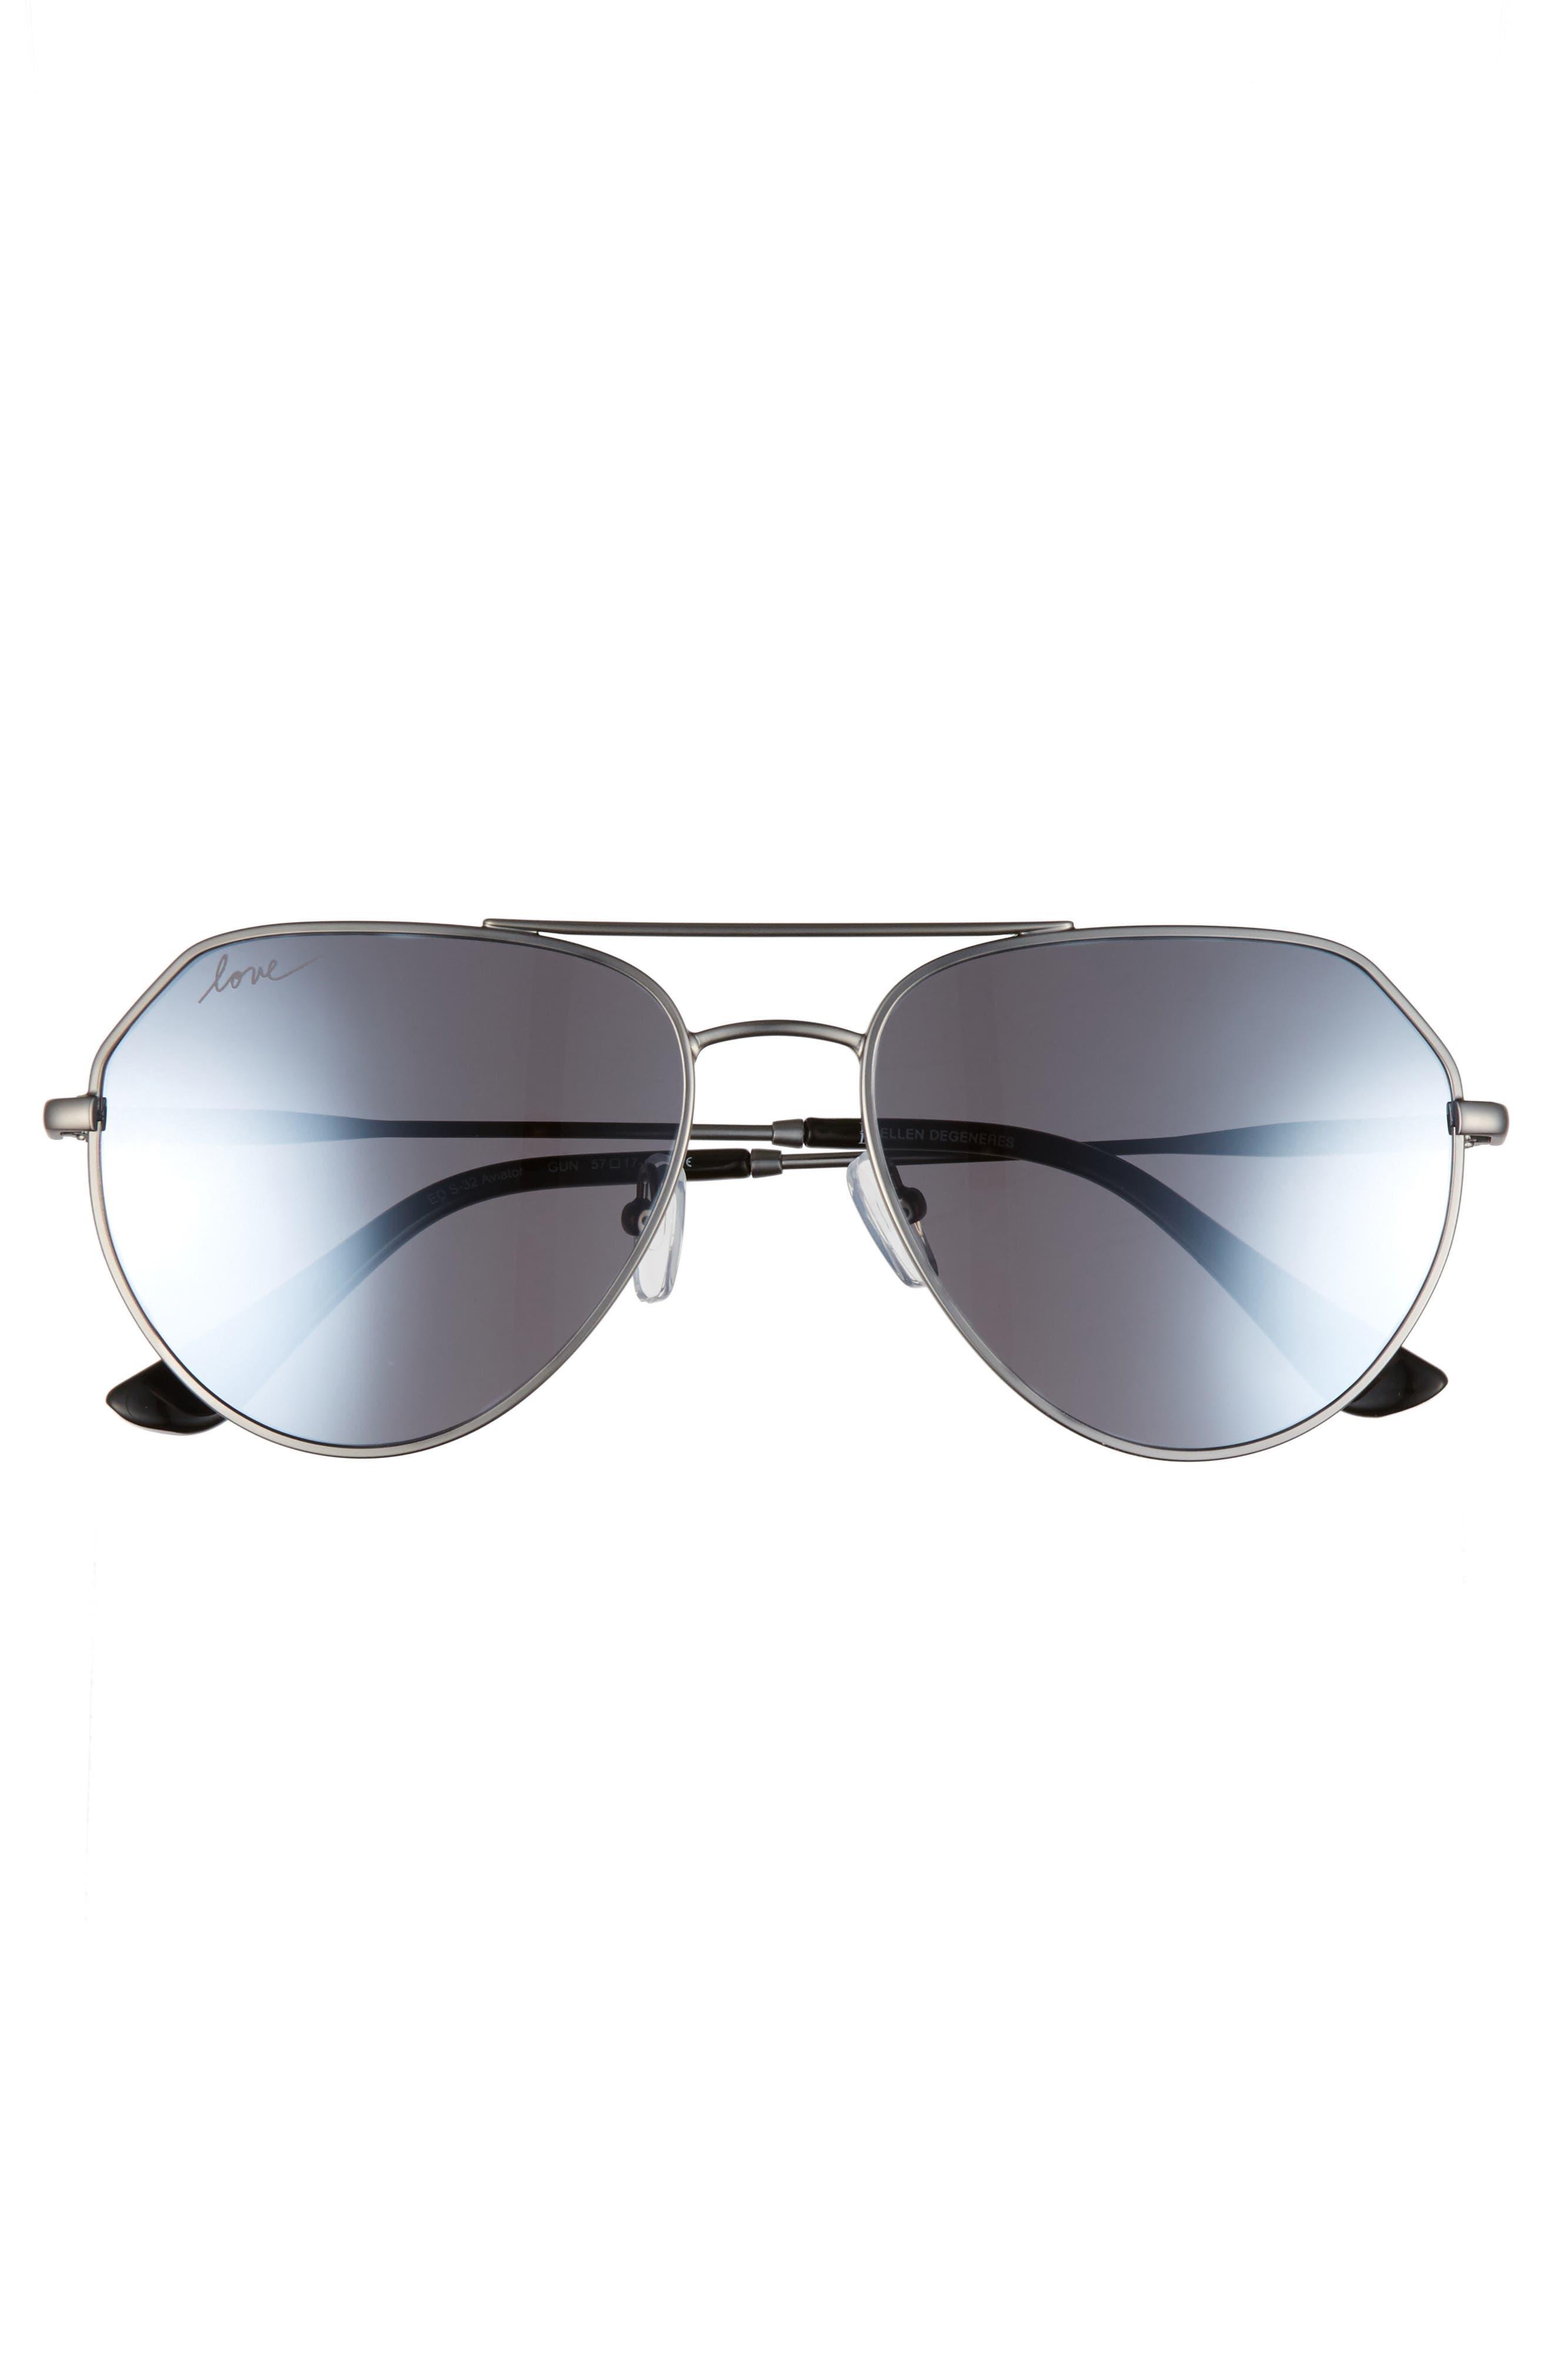 57mm Aviator Sunglasses,                             Alternate thumbnail 3, color,                             GUN METAL